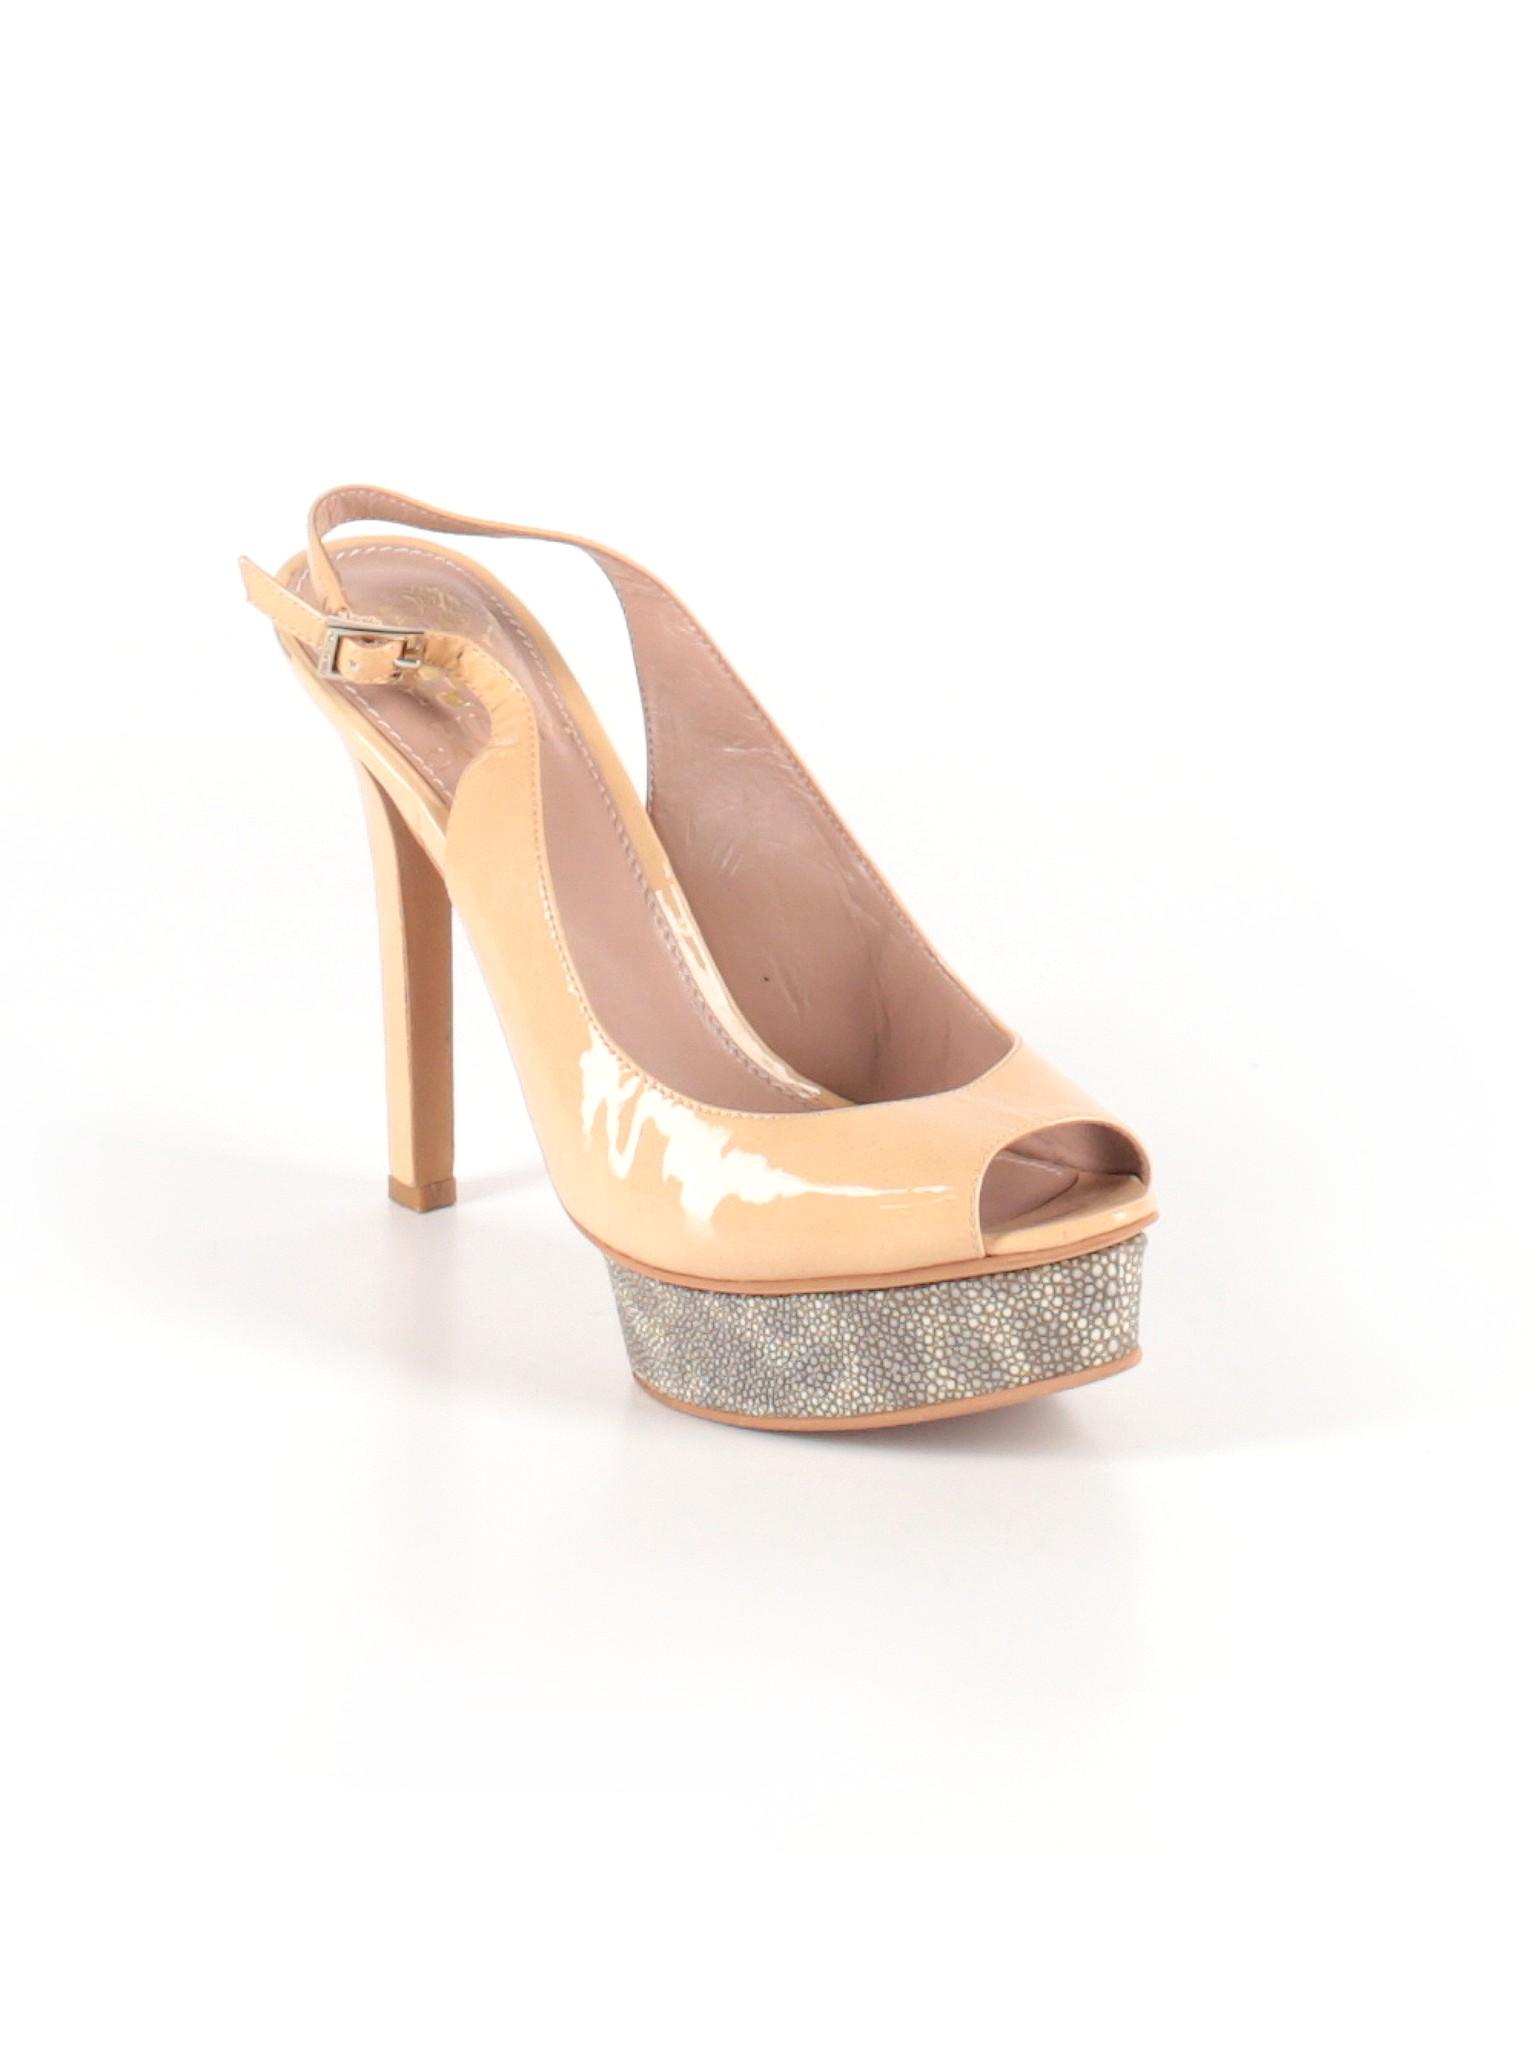 promotion Boutique Boutique Heels promotion Heels Vince Boutique Vince Camuto Camuto cYUfcqvw